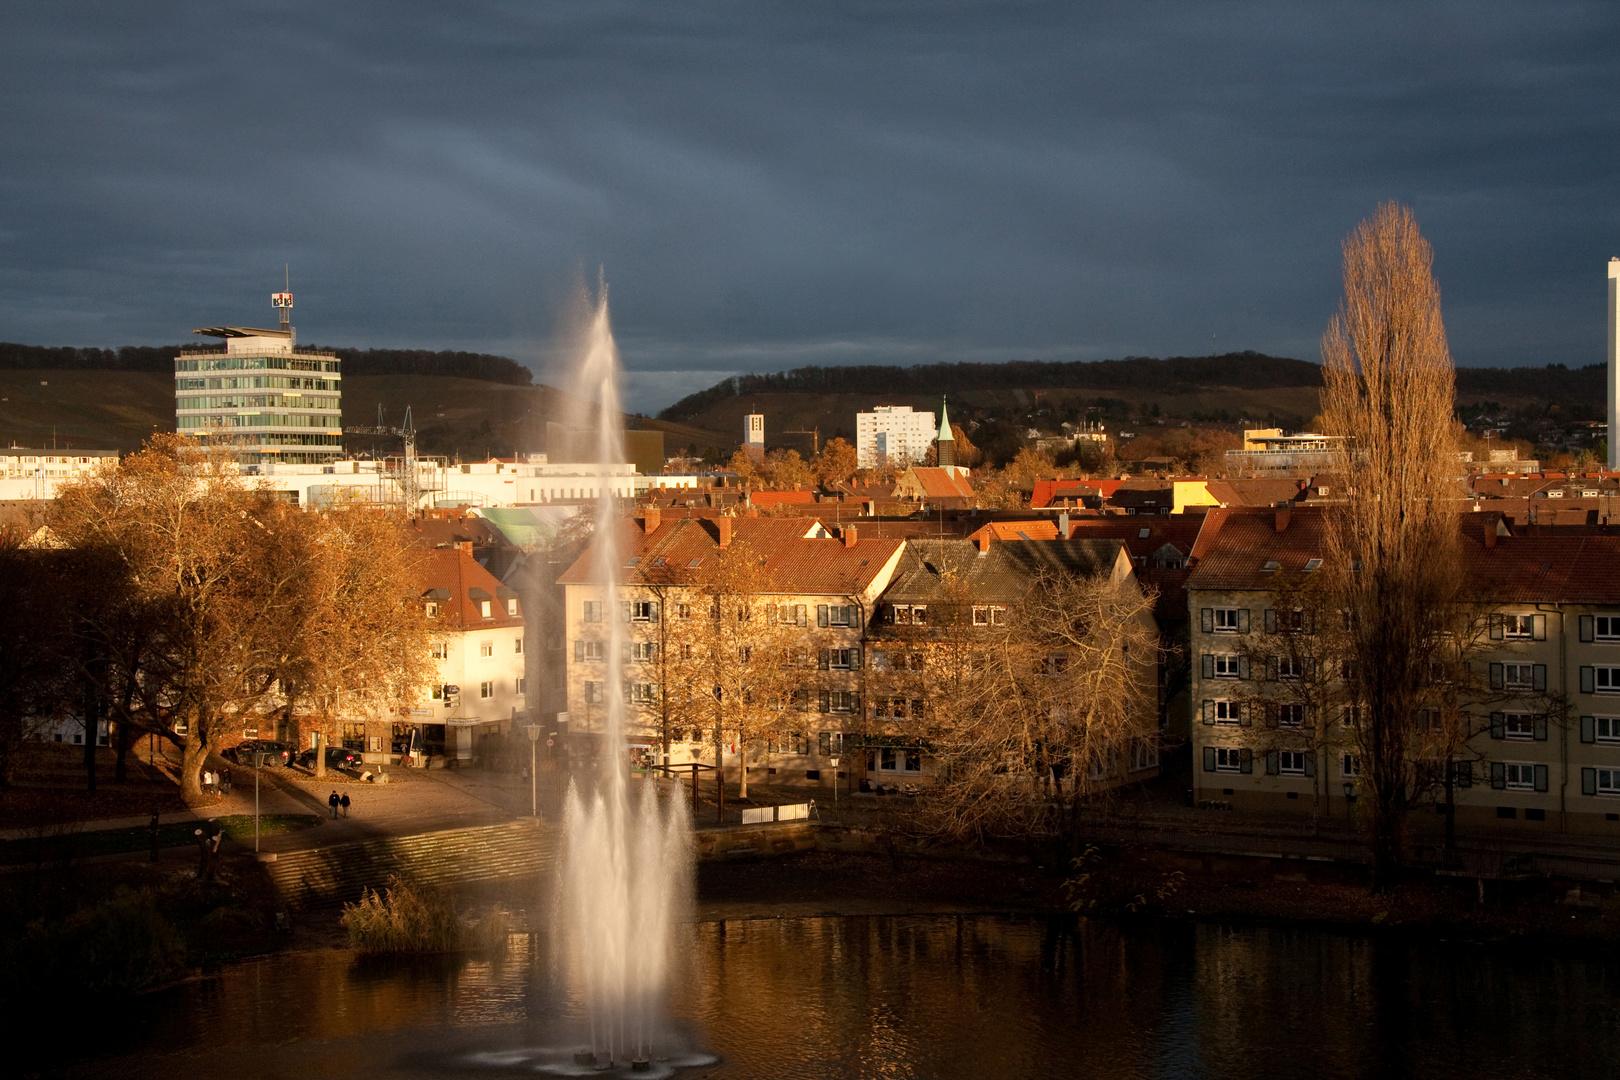 Abendstimmung in Heilbronn